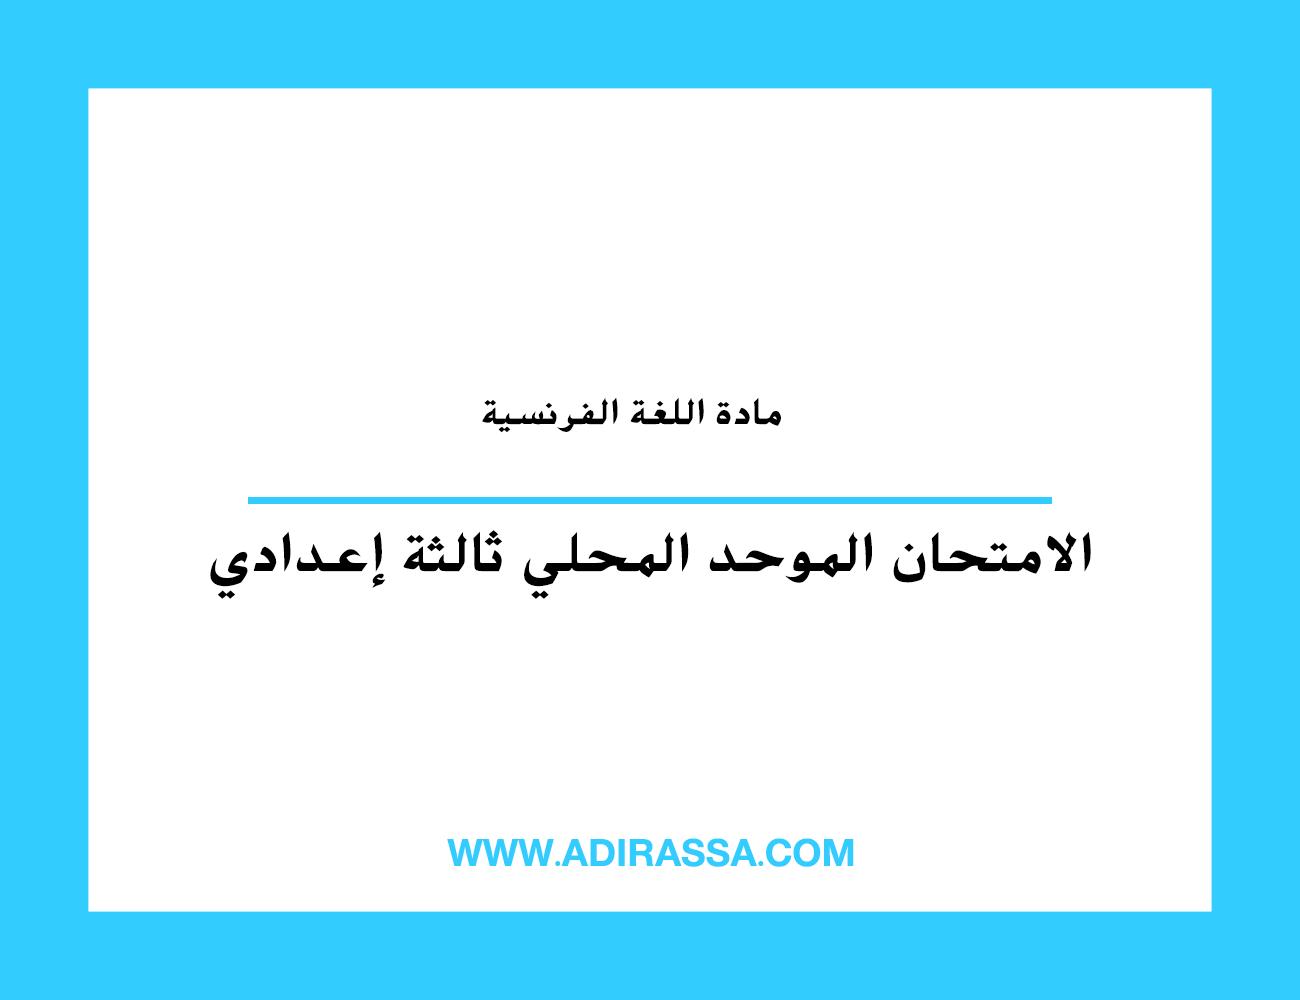 الامتحان الموحد المحلي مادة اللغة الفرنسية ثالثة إعدادي بالمدرسة المغربية